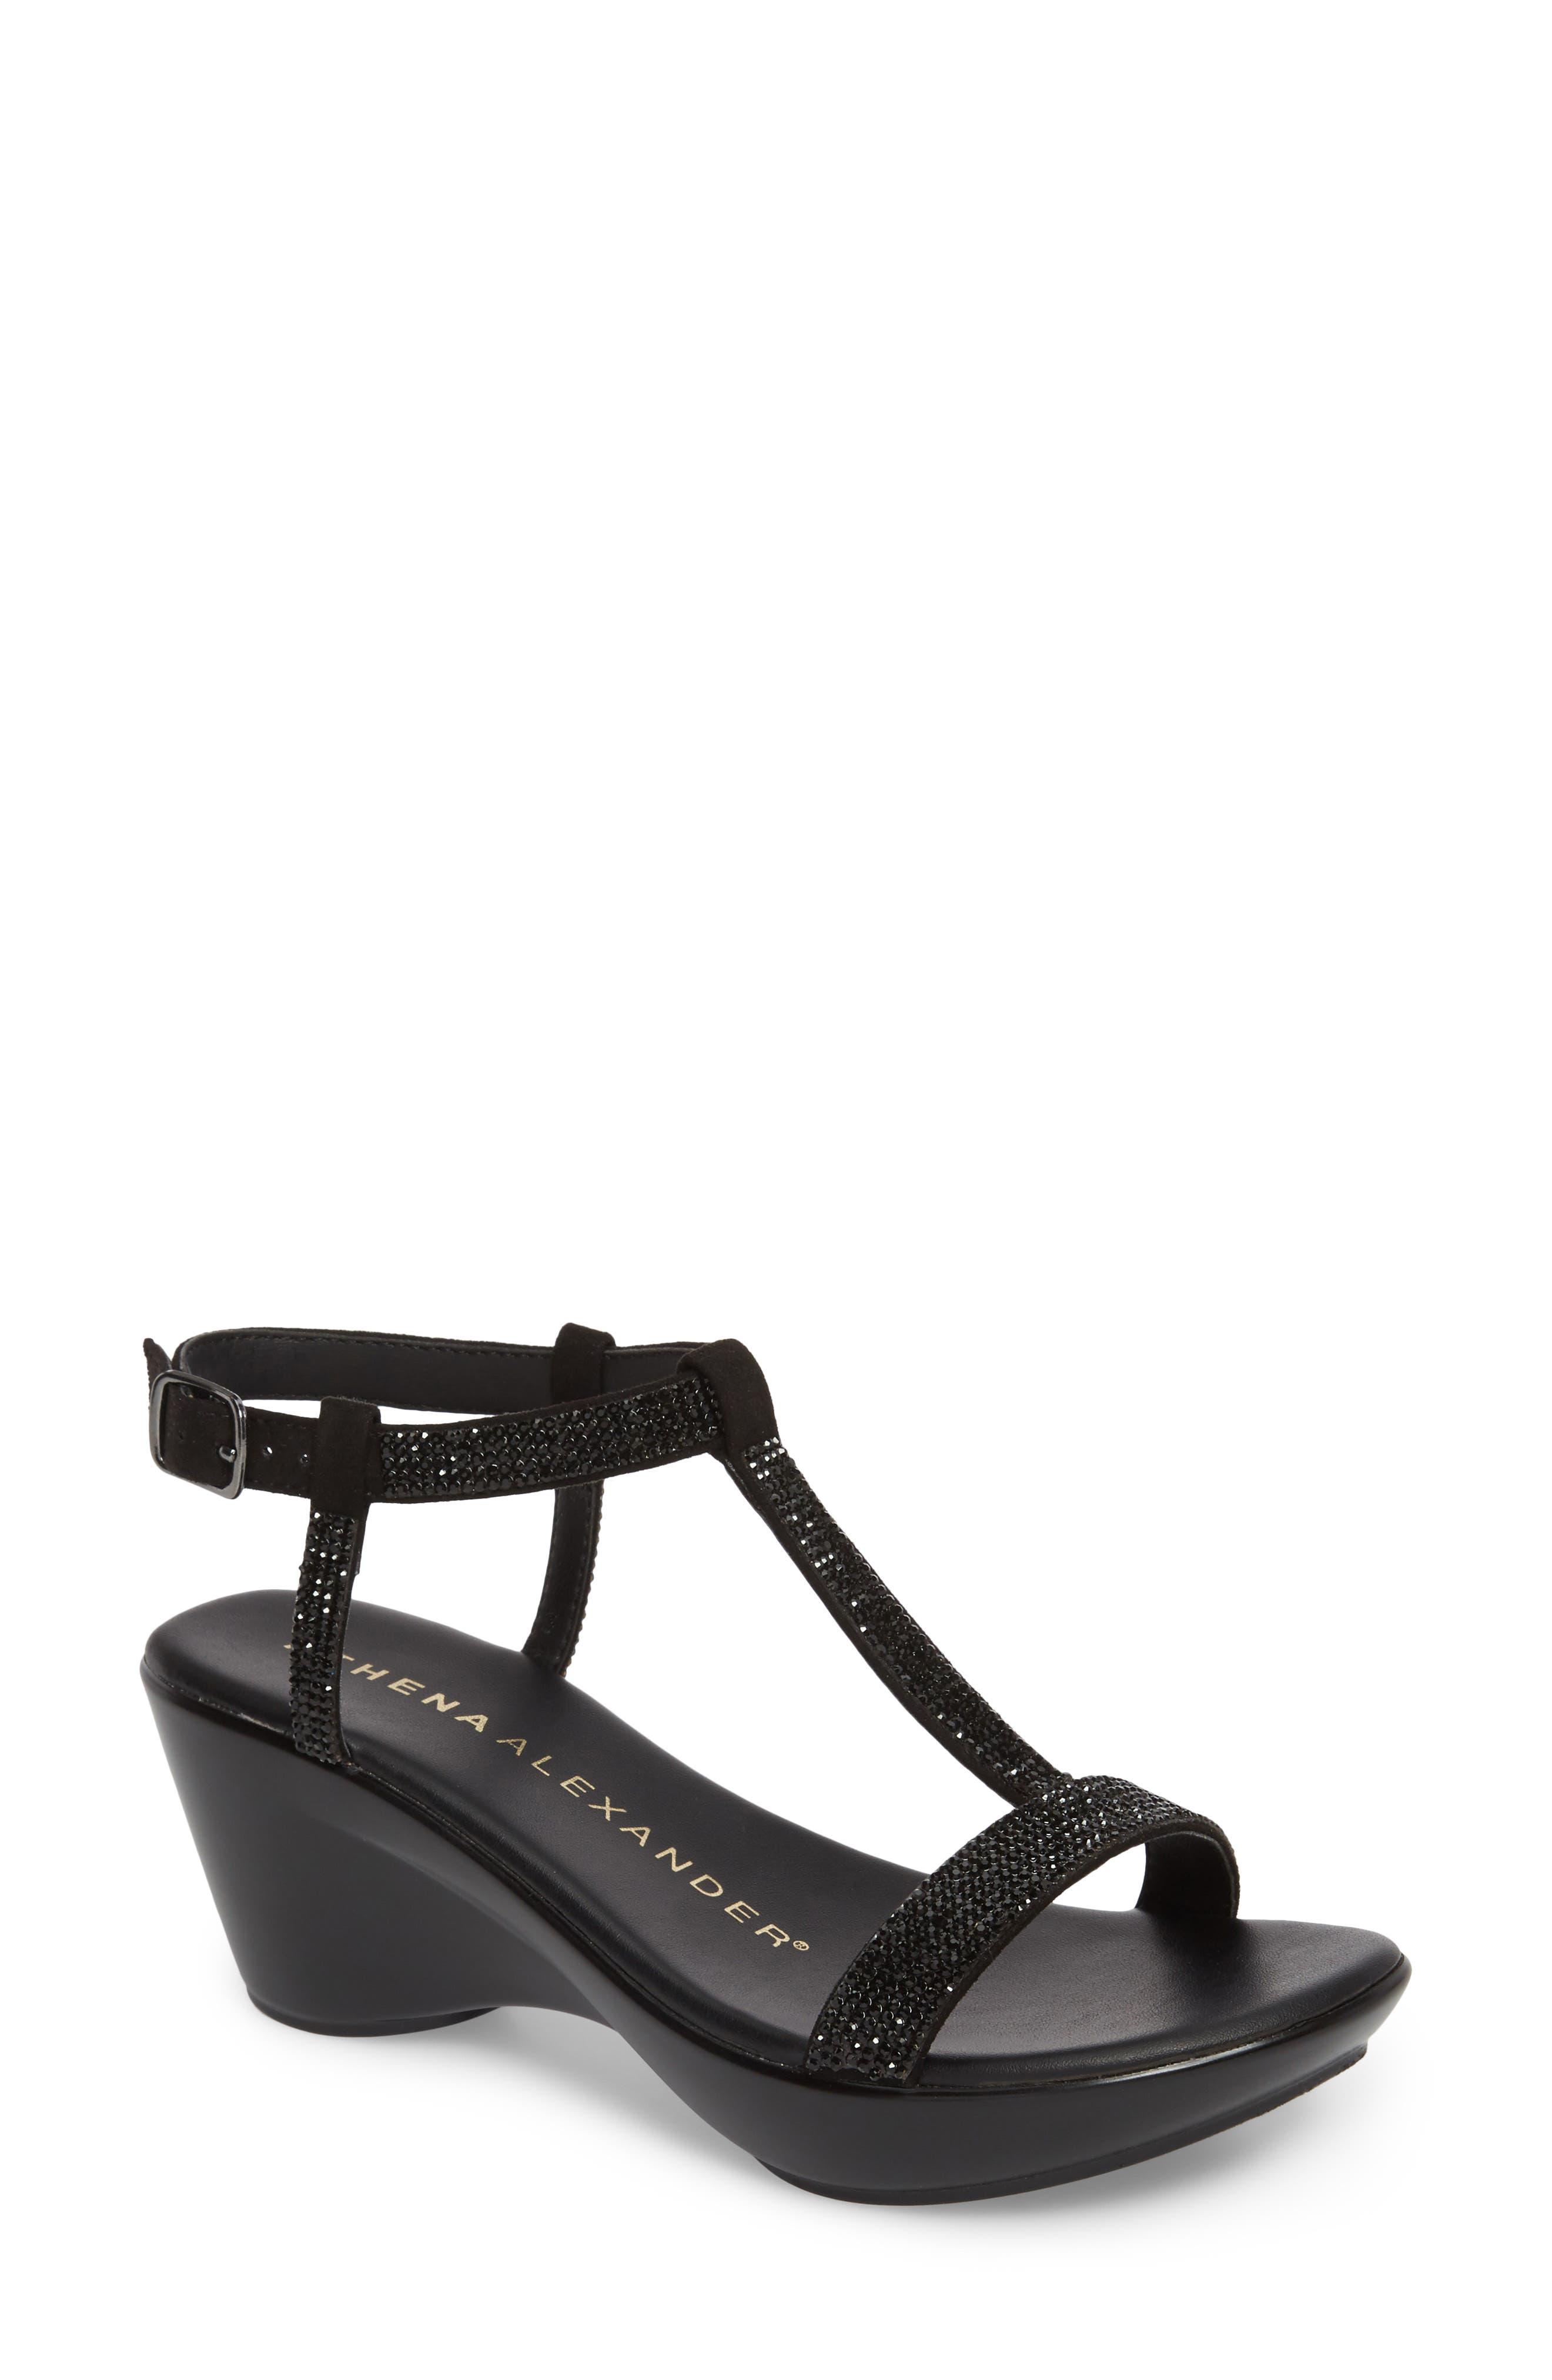 Athena Alexandar Karinya Embellished Strappy Wedge Sandal,                         Main,                         color, BLACK SUEDE